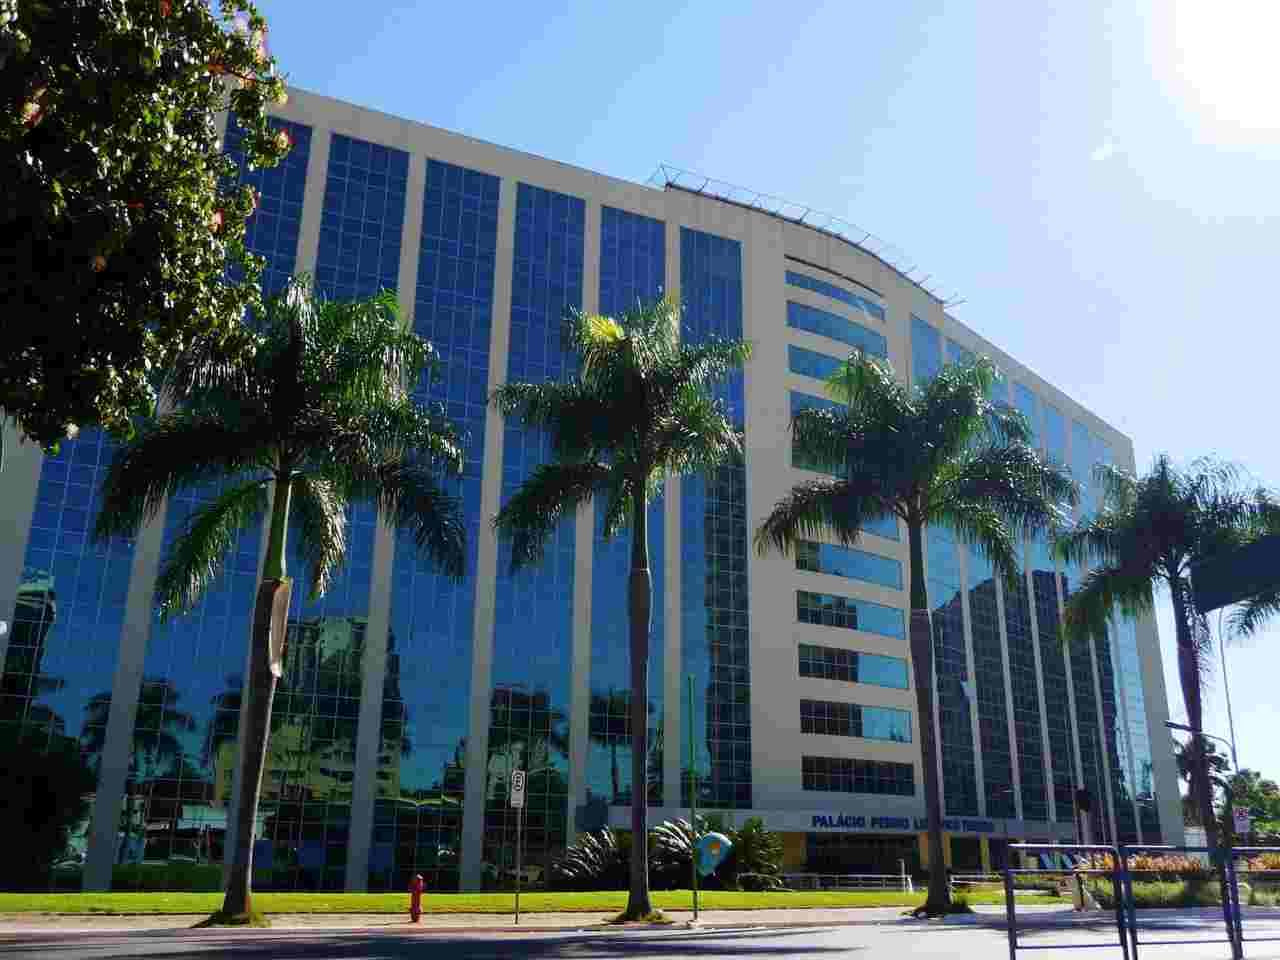 O Palácio do Planalto é o local de trabalho do chefe do Estado | Foto: depositphotos